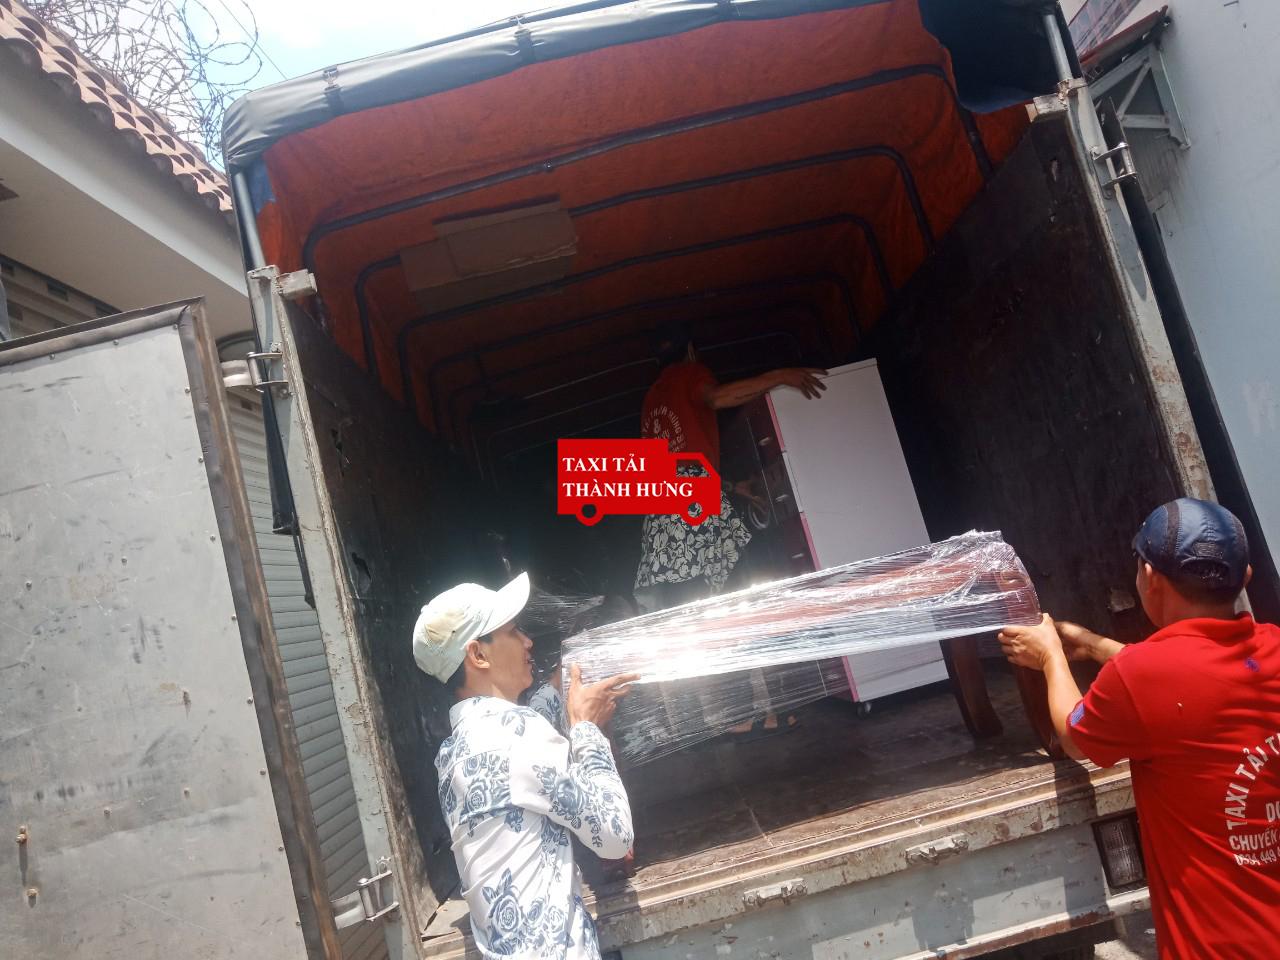 chuyển nhà thành hưng,Taxi tải Thành Hưng TPHCM năm 2020